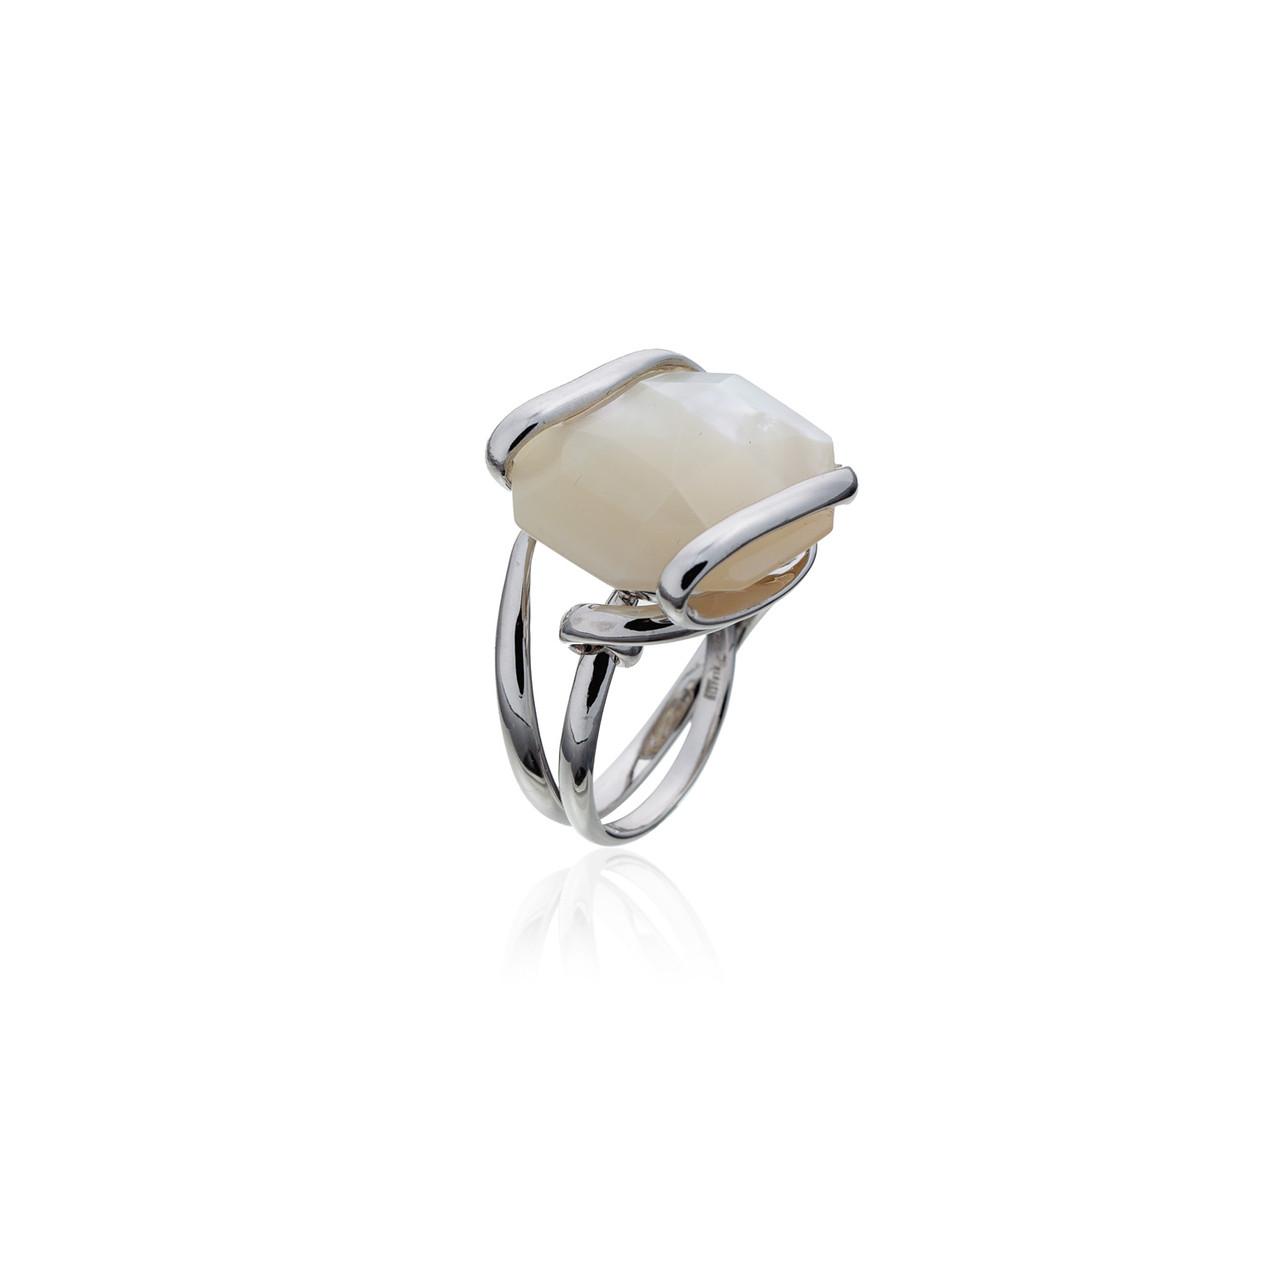 Серебряное кольцо с натуральными камнями Brosh Jewellery (Серебро 925) покрытие родий, вставка Перламутр.